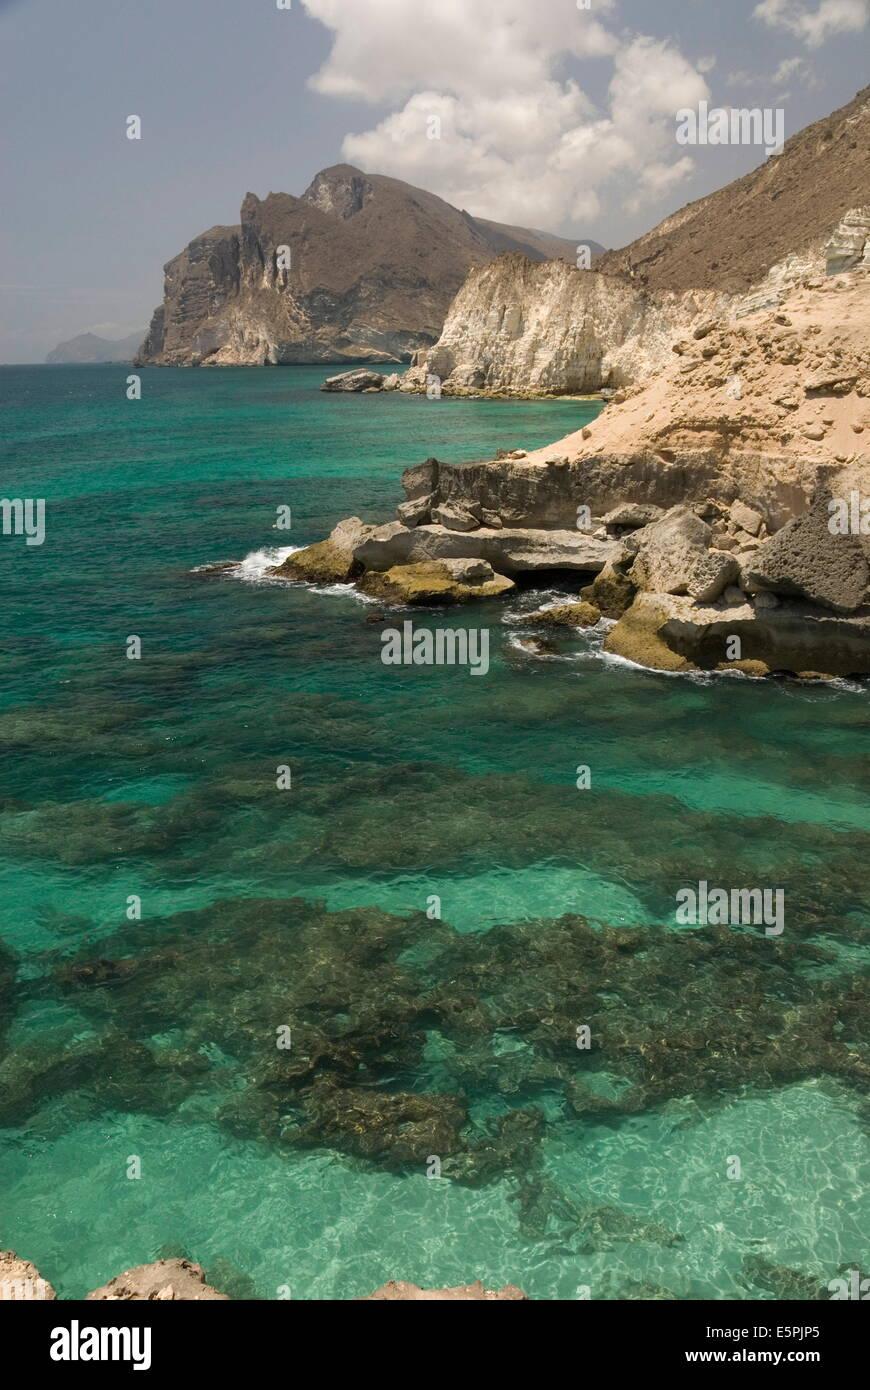 La Limestone Coast del Sud dell'Oman, Mughsayl, Salalah, Dhofar, Oman, Medio Oriente Immagini Stock